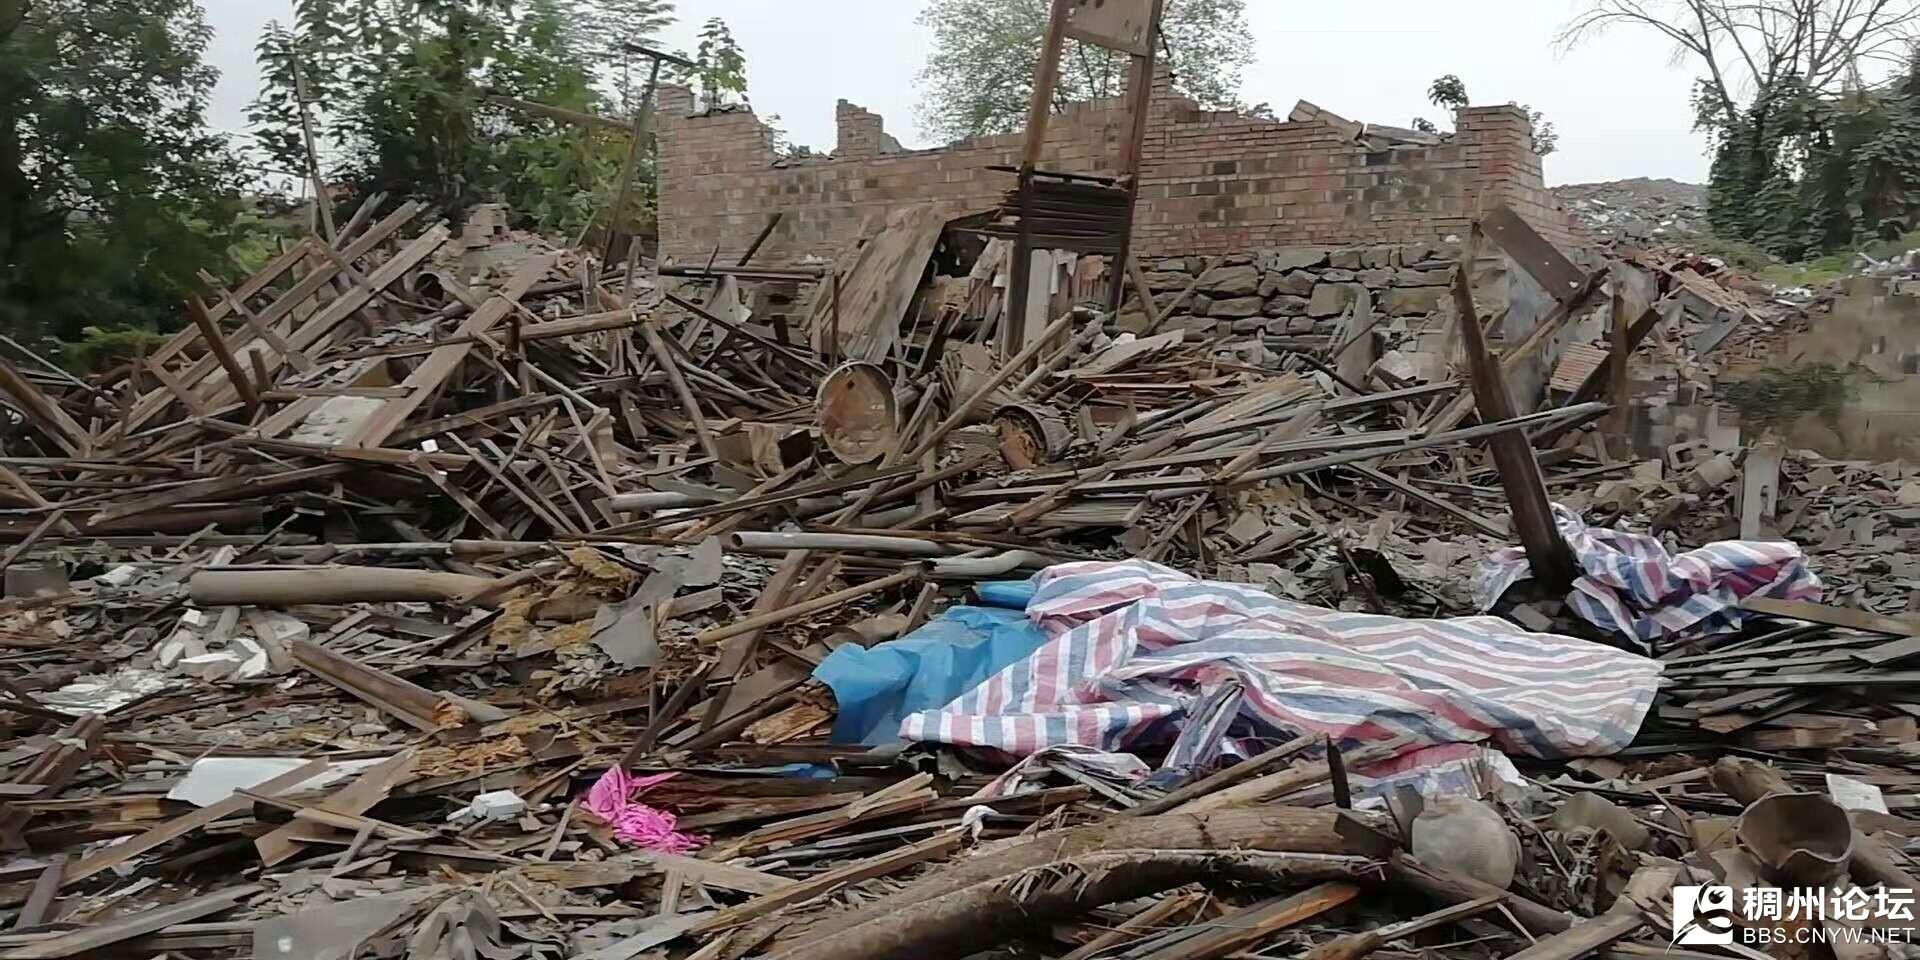 (图为倒塌前,老屋本是连着的院子,隔壁已经倒了,因此用了篷布遮挡)